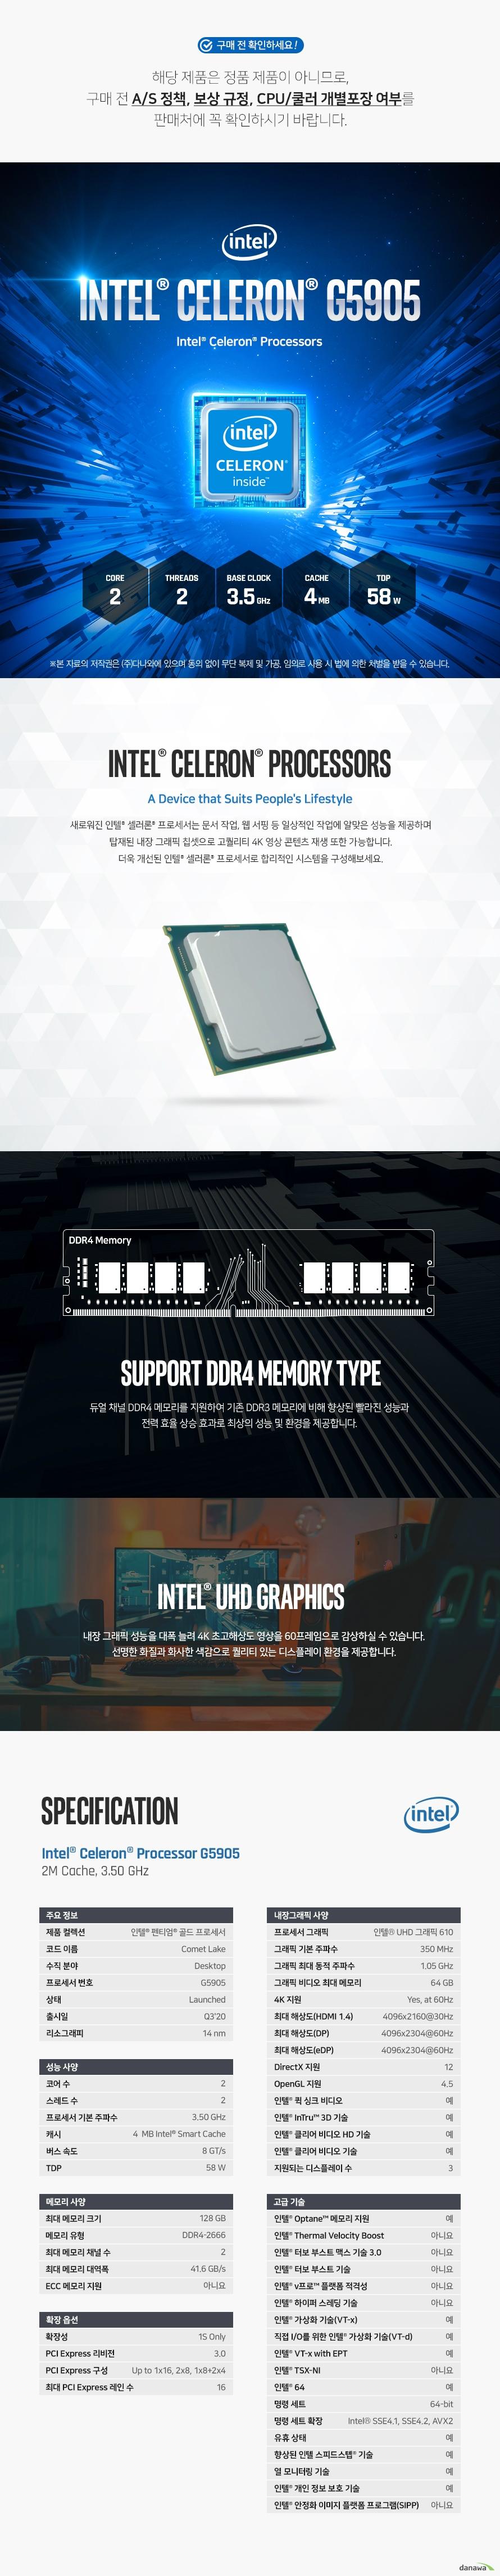 새로워진 인텔® 셀러론® 프로세서는 문서 작업, 웹 서핑 등 일상적인 작업에 알맞은 성능을 제공하며 탑재된 내장 그래픽 칩셋으로 고퀄리티 4K 영상 콘텐츠 재생 또한 가능합니다. 더욱 개선된 인텔® 셀러론® 프로세서로 합리적인 시스템을 구성해보세요.   듀얼 채널 DDR4 메모리를 지원하여 기존 DDR3 메모리에 비해 향상된 빨라진 성능과 전력 효율 상승 효과로 최상의 성능 및 환경을 제공합니다.  내장 그래픽 성능을 대폭 늘려 4K 초고해상도 영상을 60프레임으로 감상하실 수 있습니다.  선명한 화질과 화사한 색감으로 퀄리티 있는 디스플레이 환경을 제공합니다.